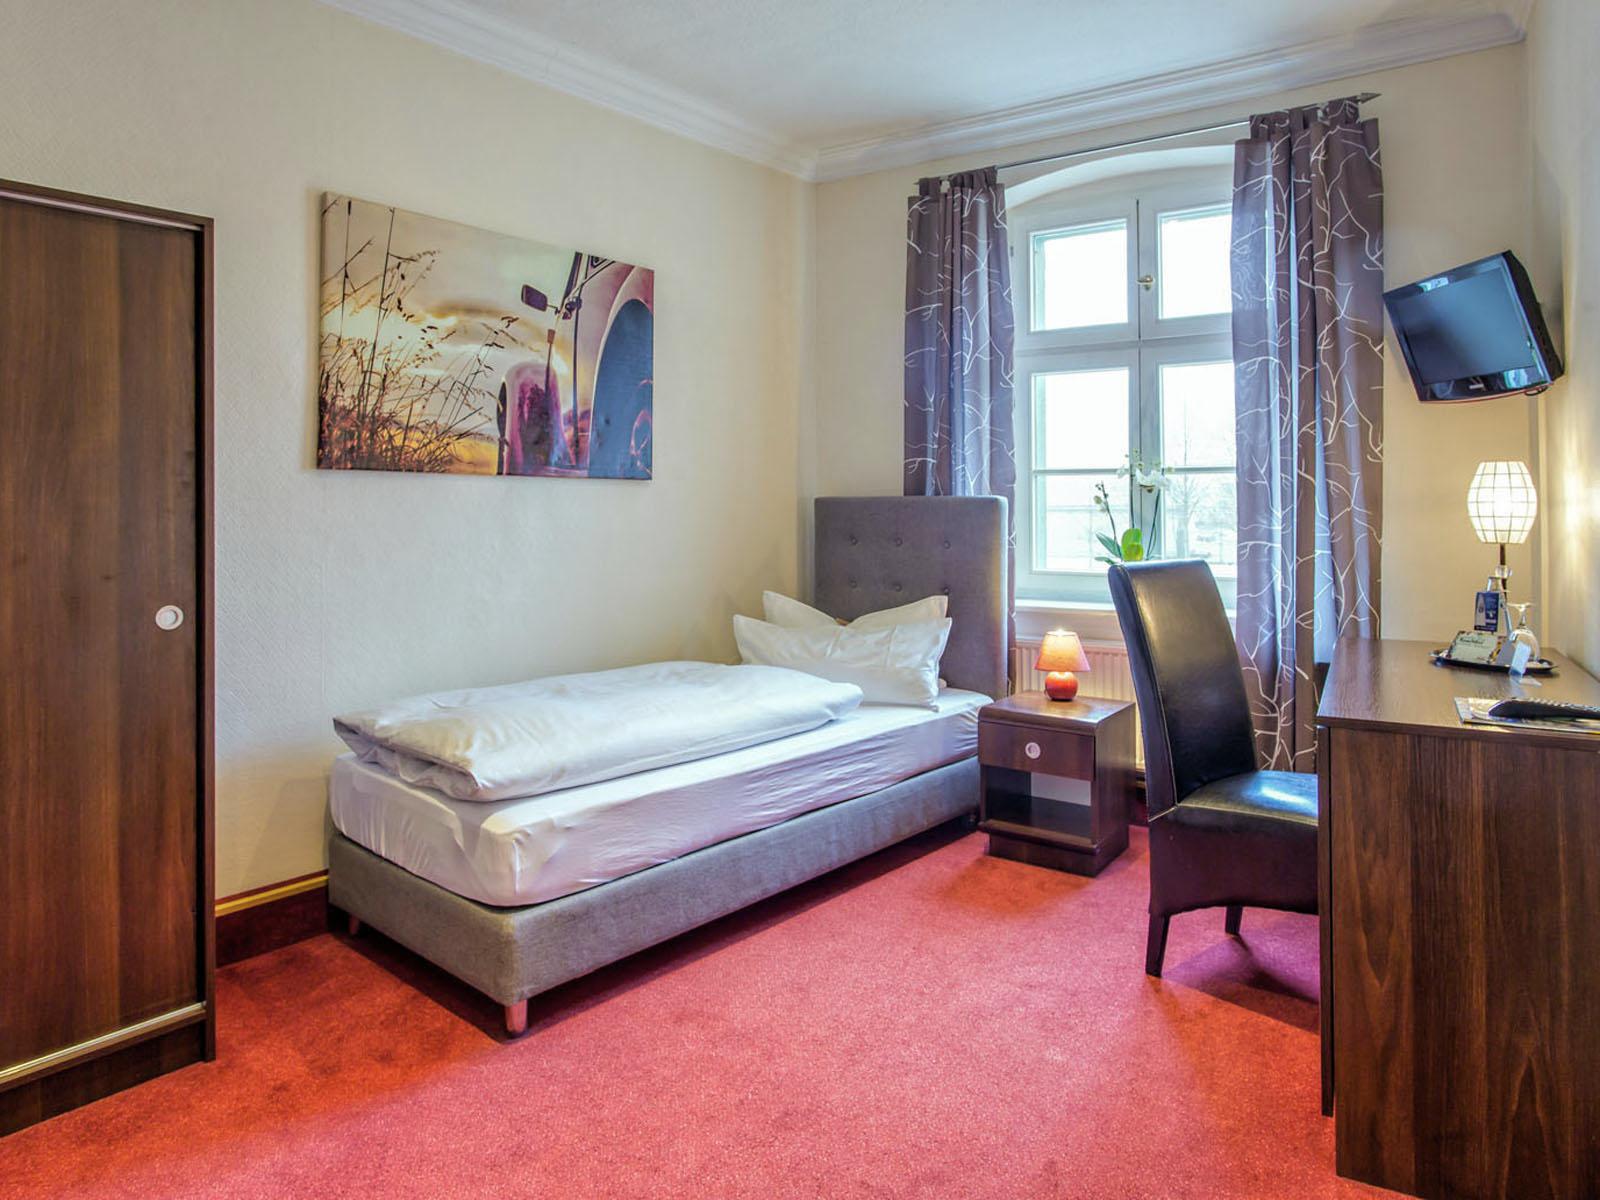 Komfort-Einzelzimmer im Hotel Zur Alten Oder in 15230 Frankfurt/Oder